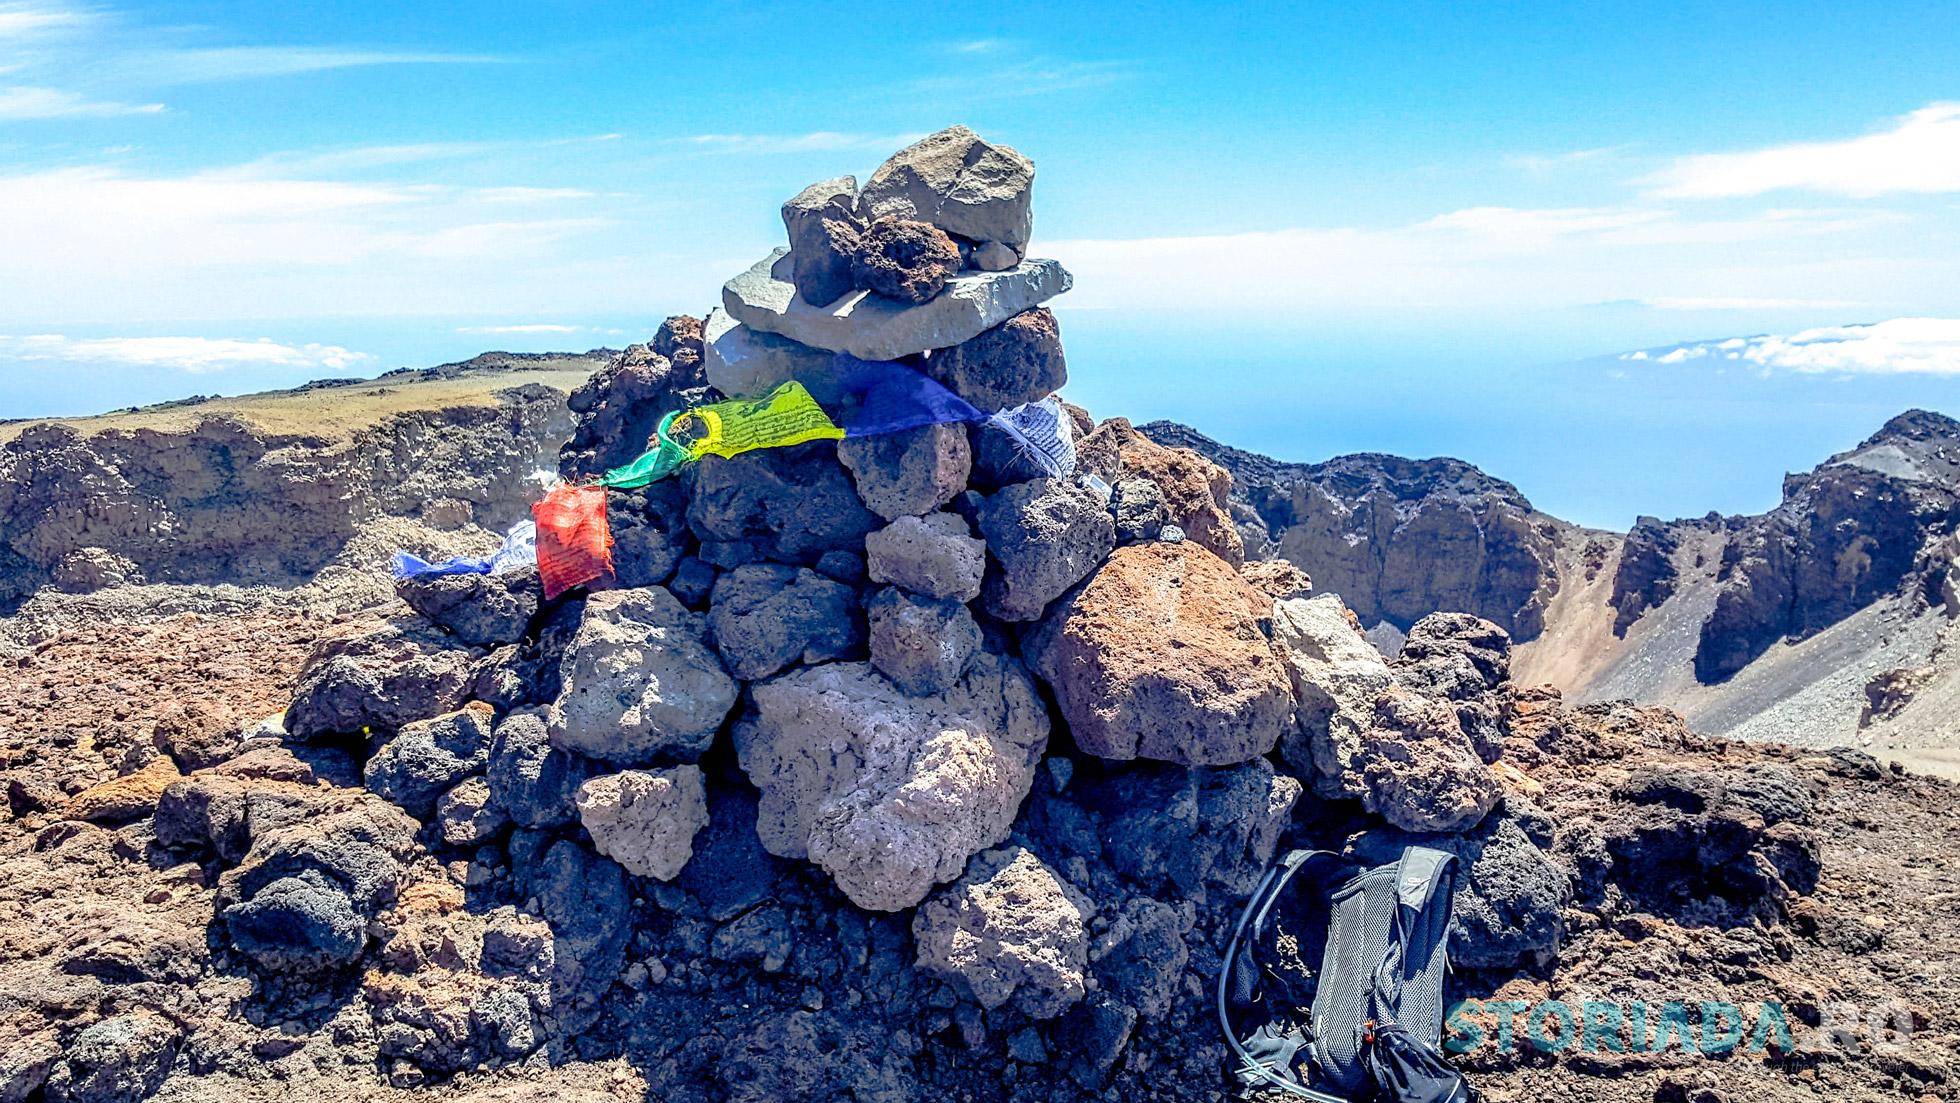 Picolo Viejo, El Teide, Tenerife